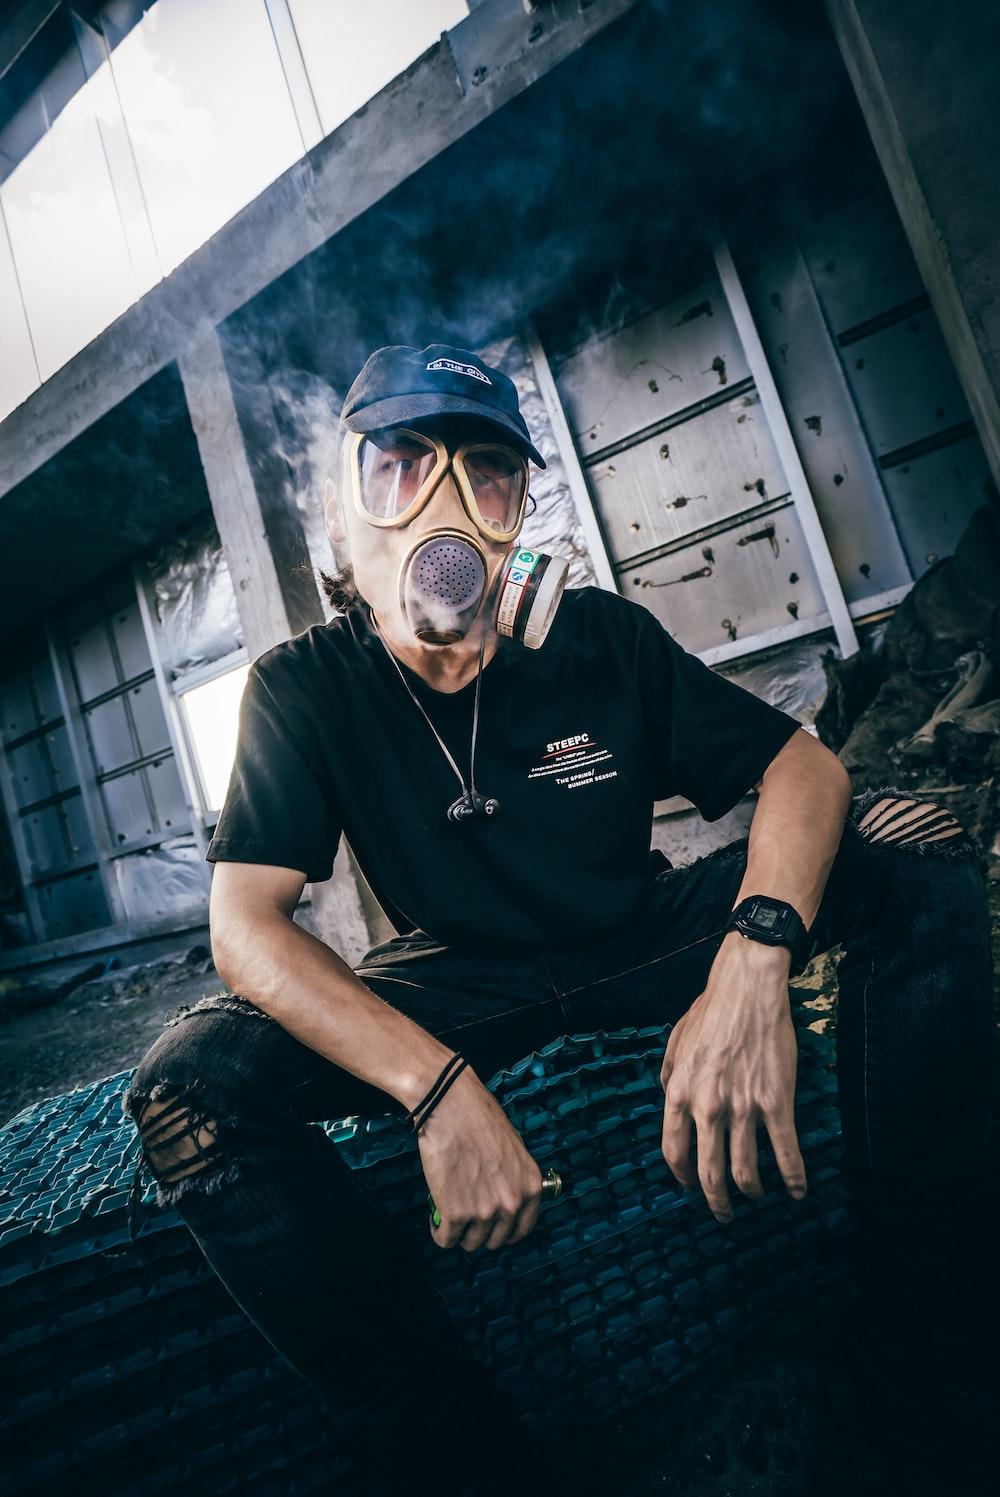 man wearing gas mask holding box mod